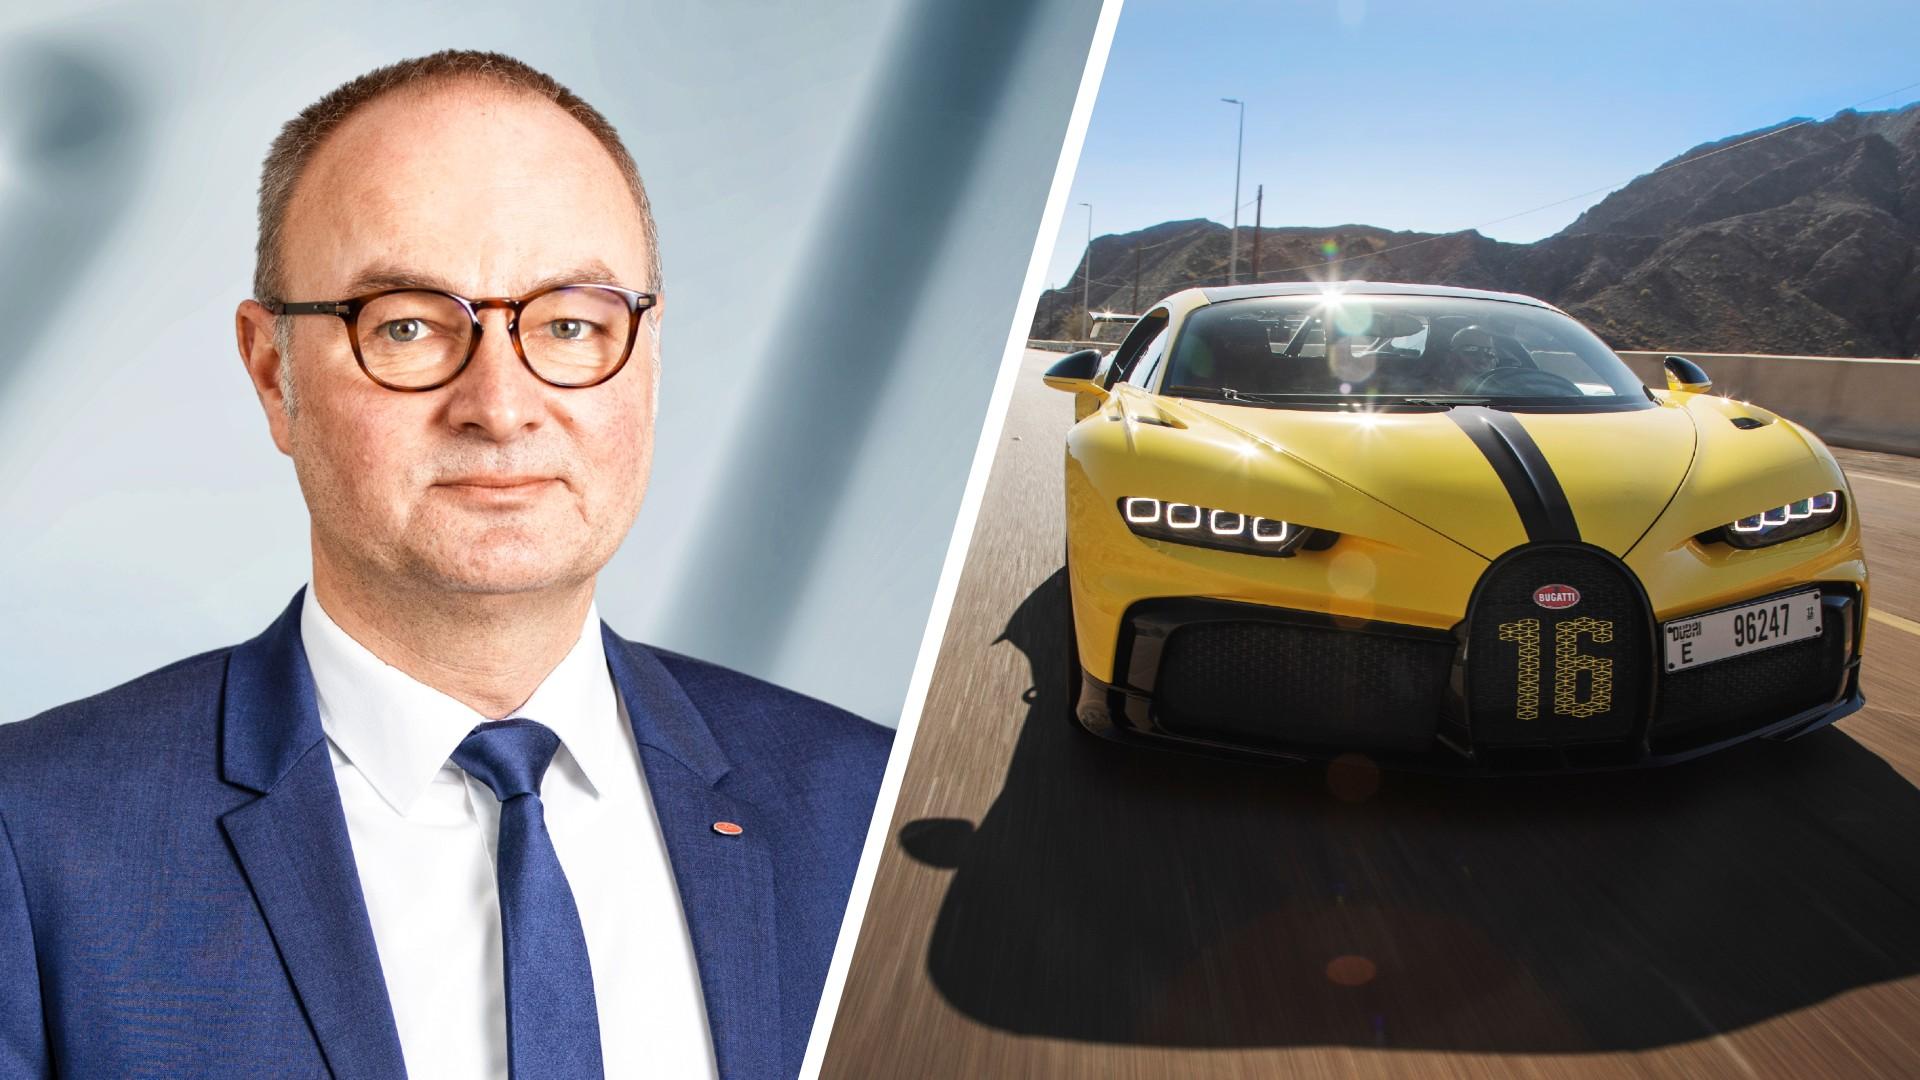 Ο υπεύθυνος εξέλιξης των Bugatti μετακομίζει στη Volkswagen